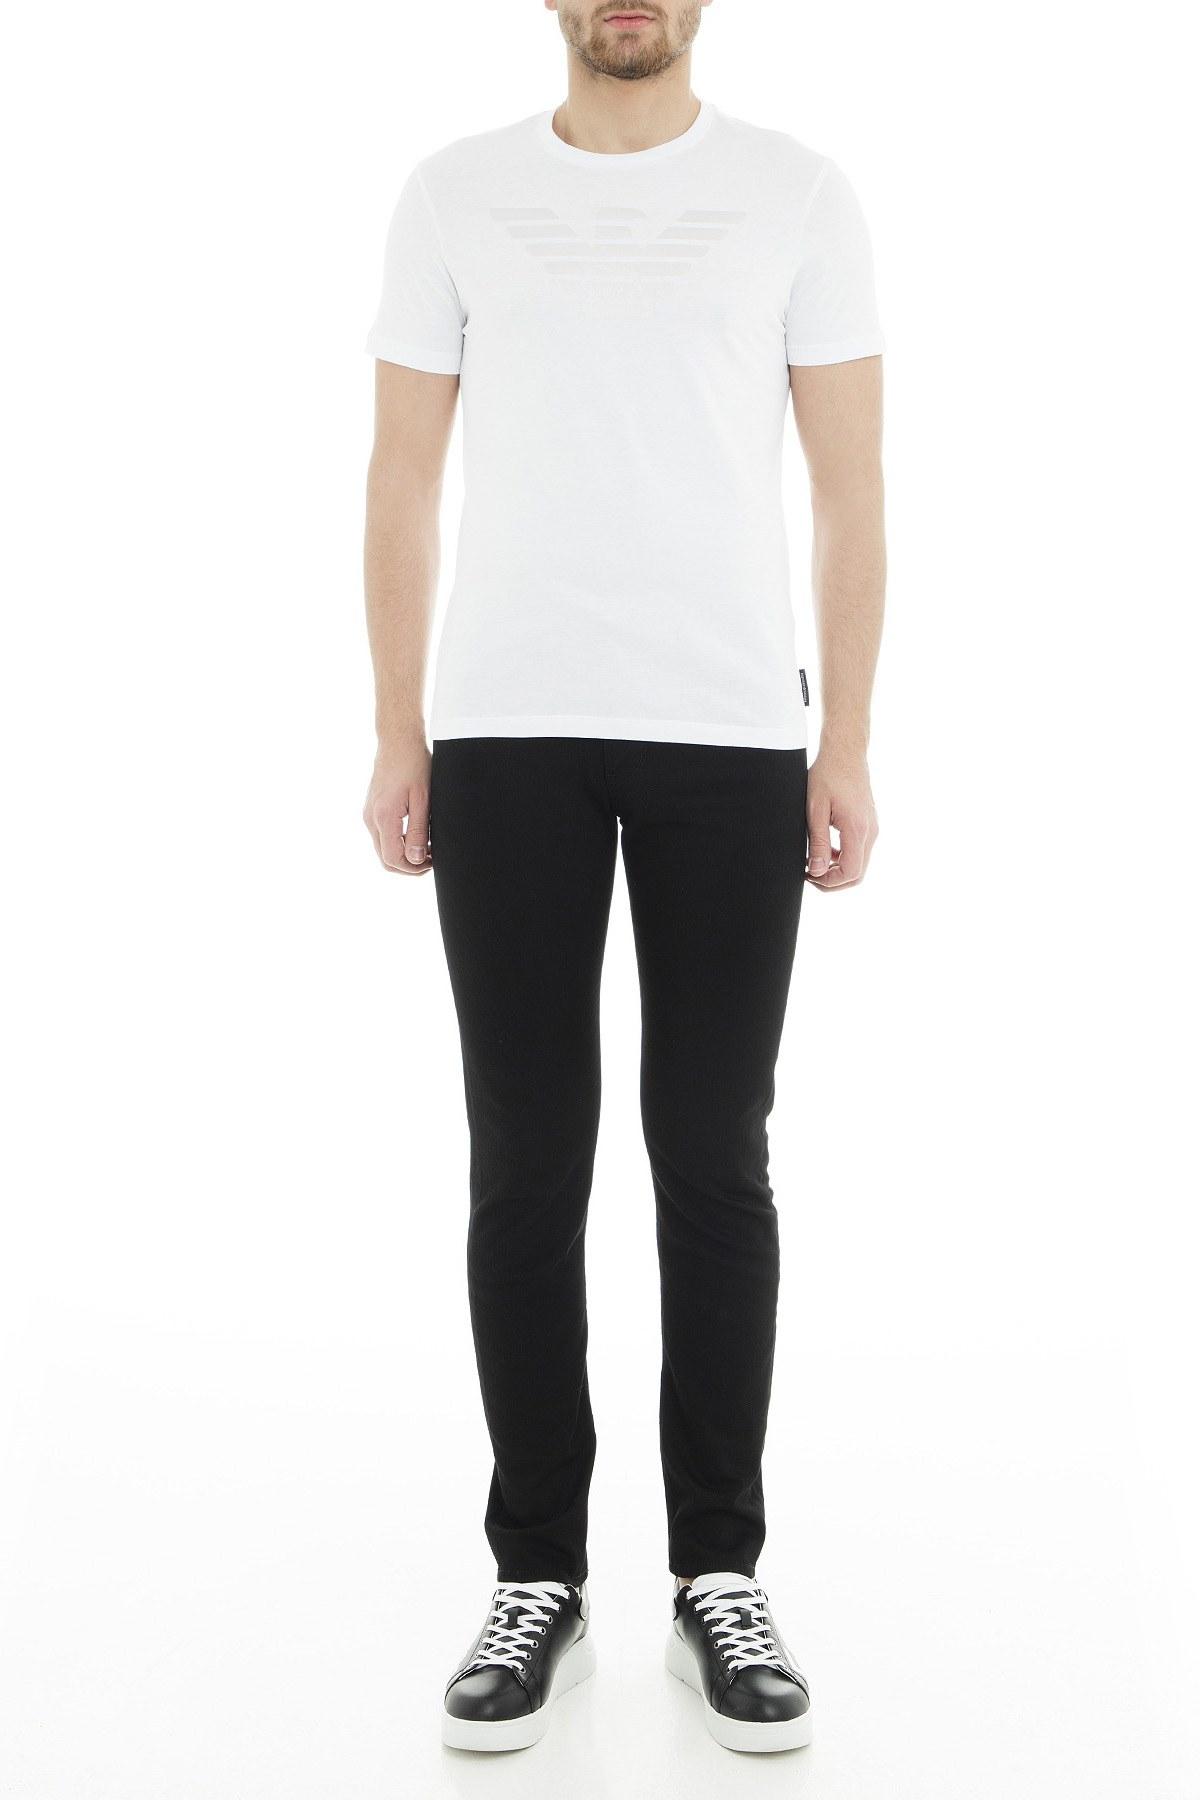 Emporio Armani J06 Jeans Erkek Kot Pantolon 3G1J06 1D2CZ 0999 SİYAH